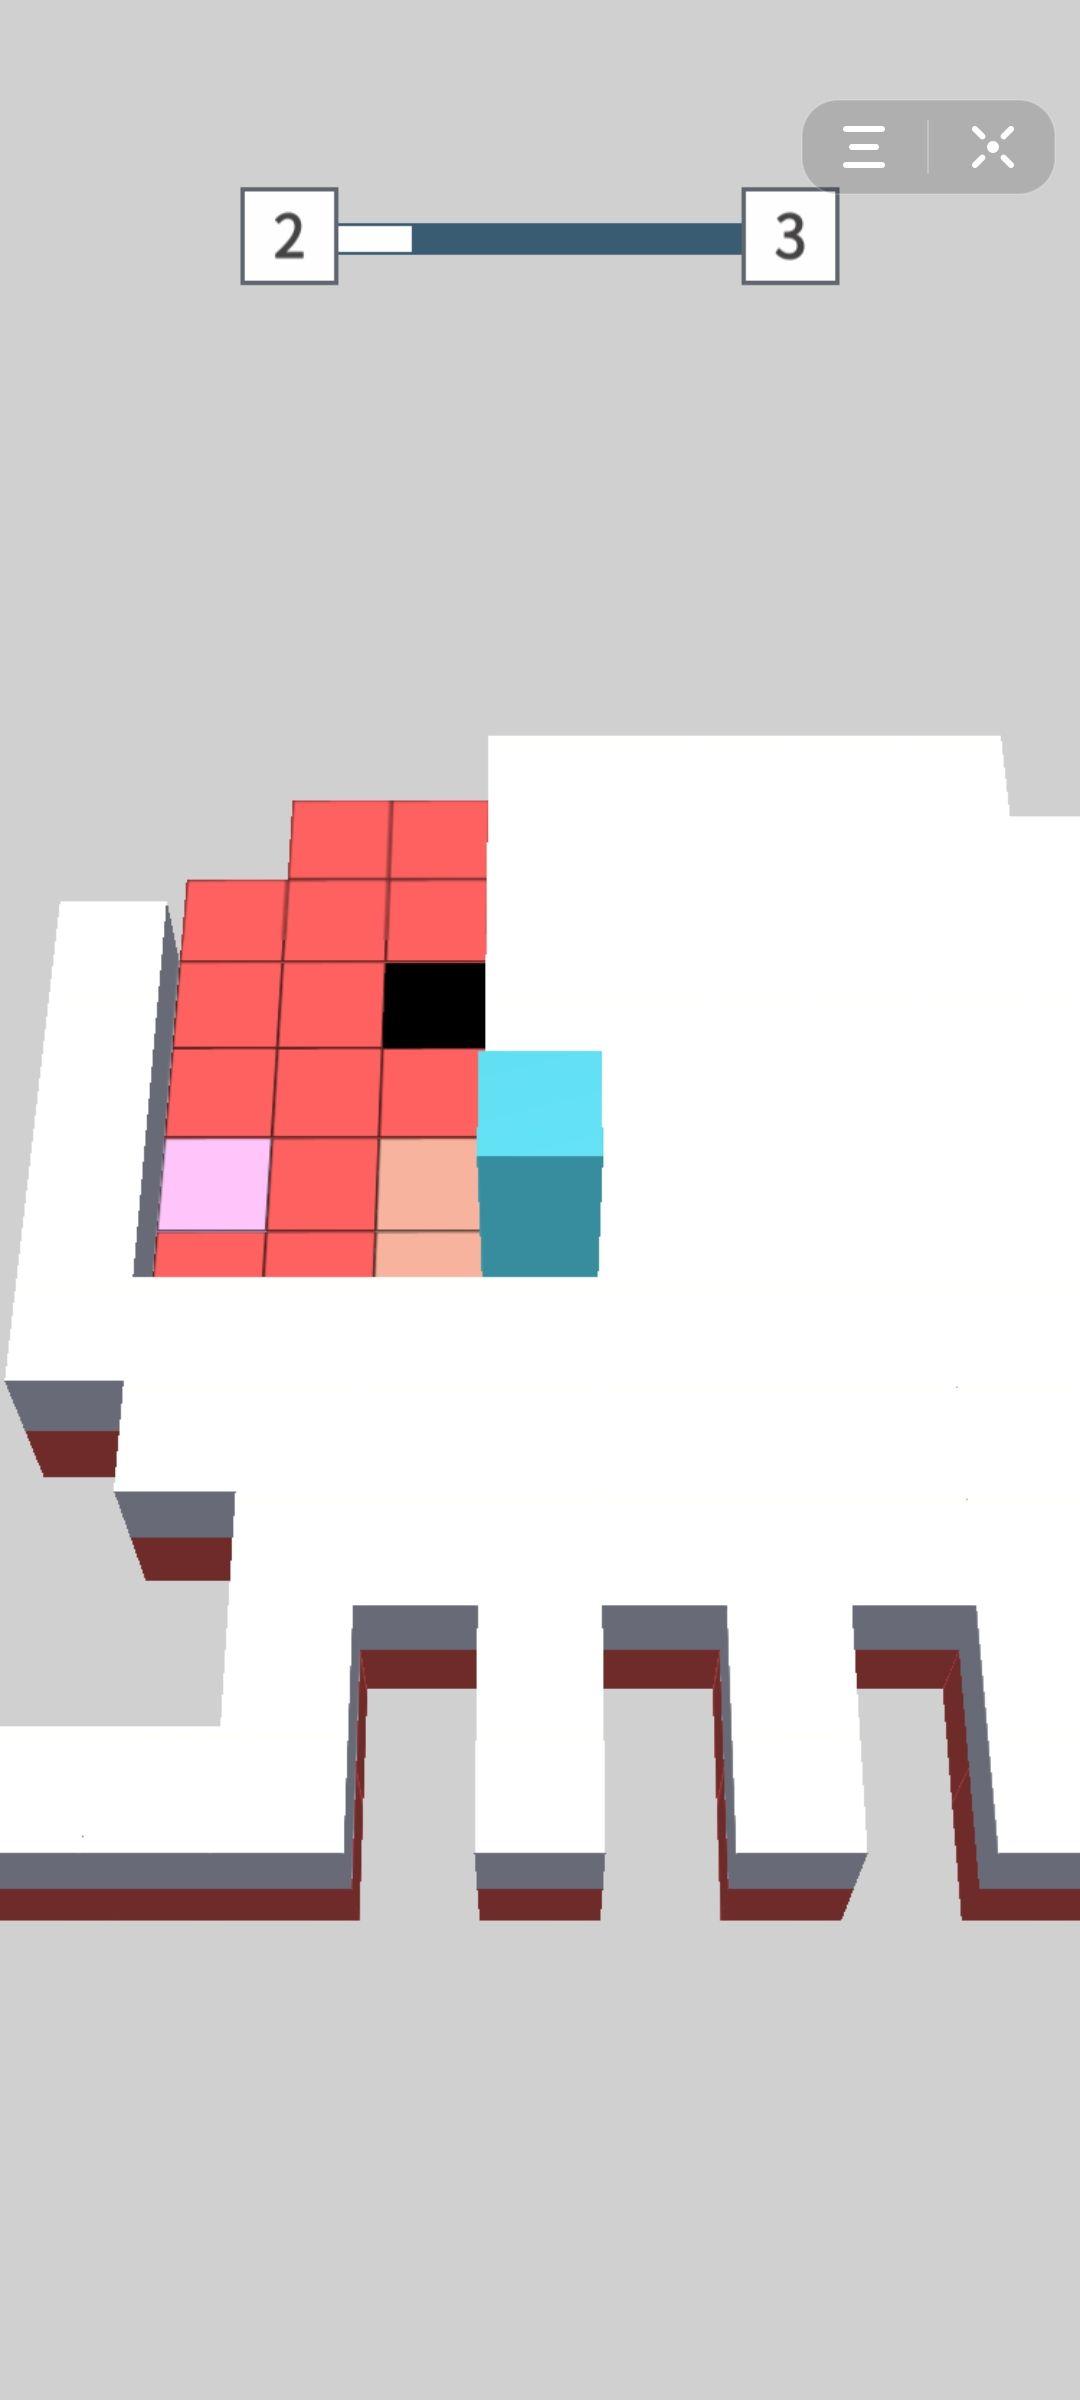 抖音小程序立体折纸方块翻翻乐游戏官方版图3: